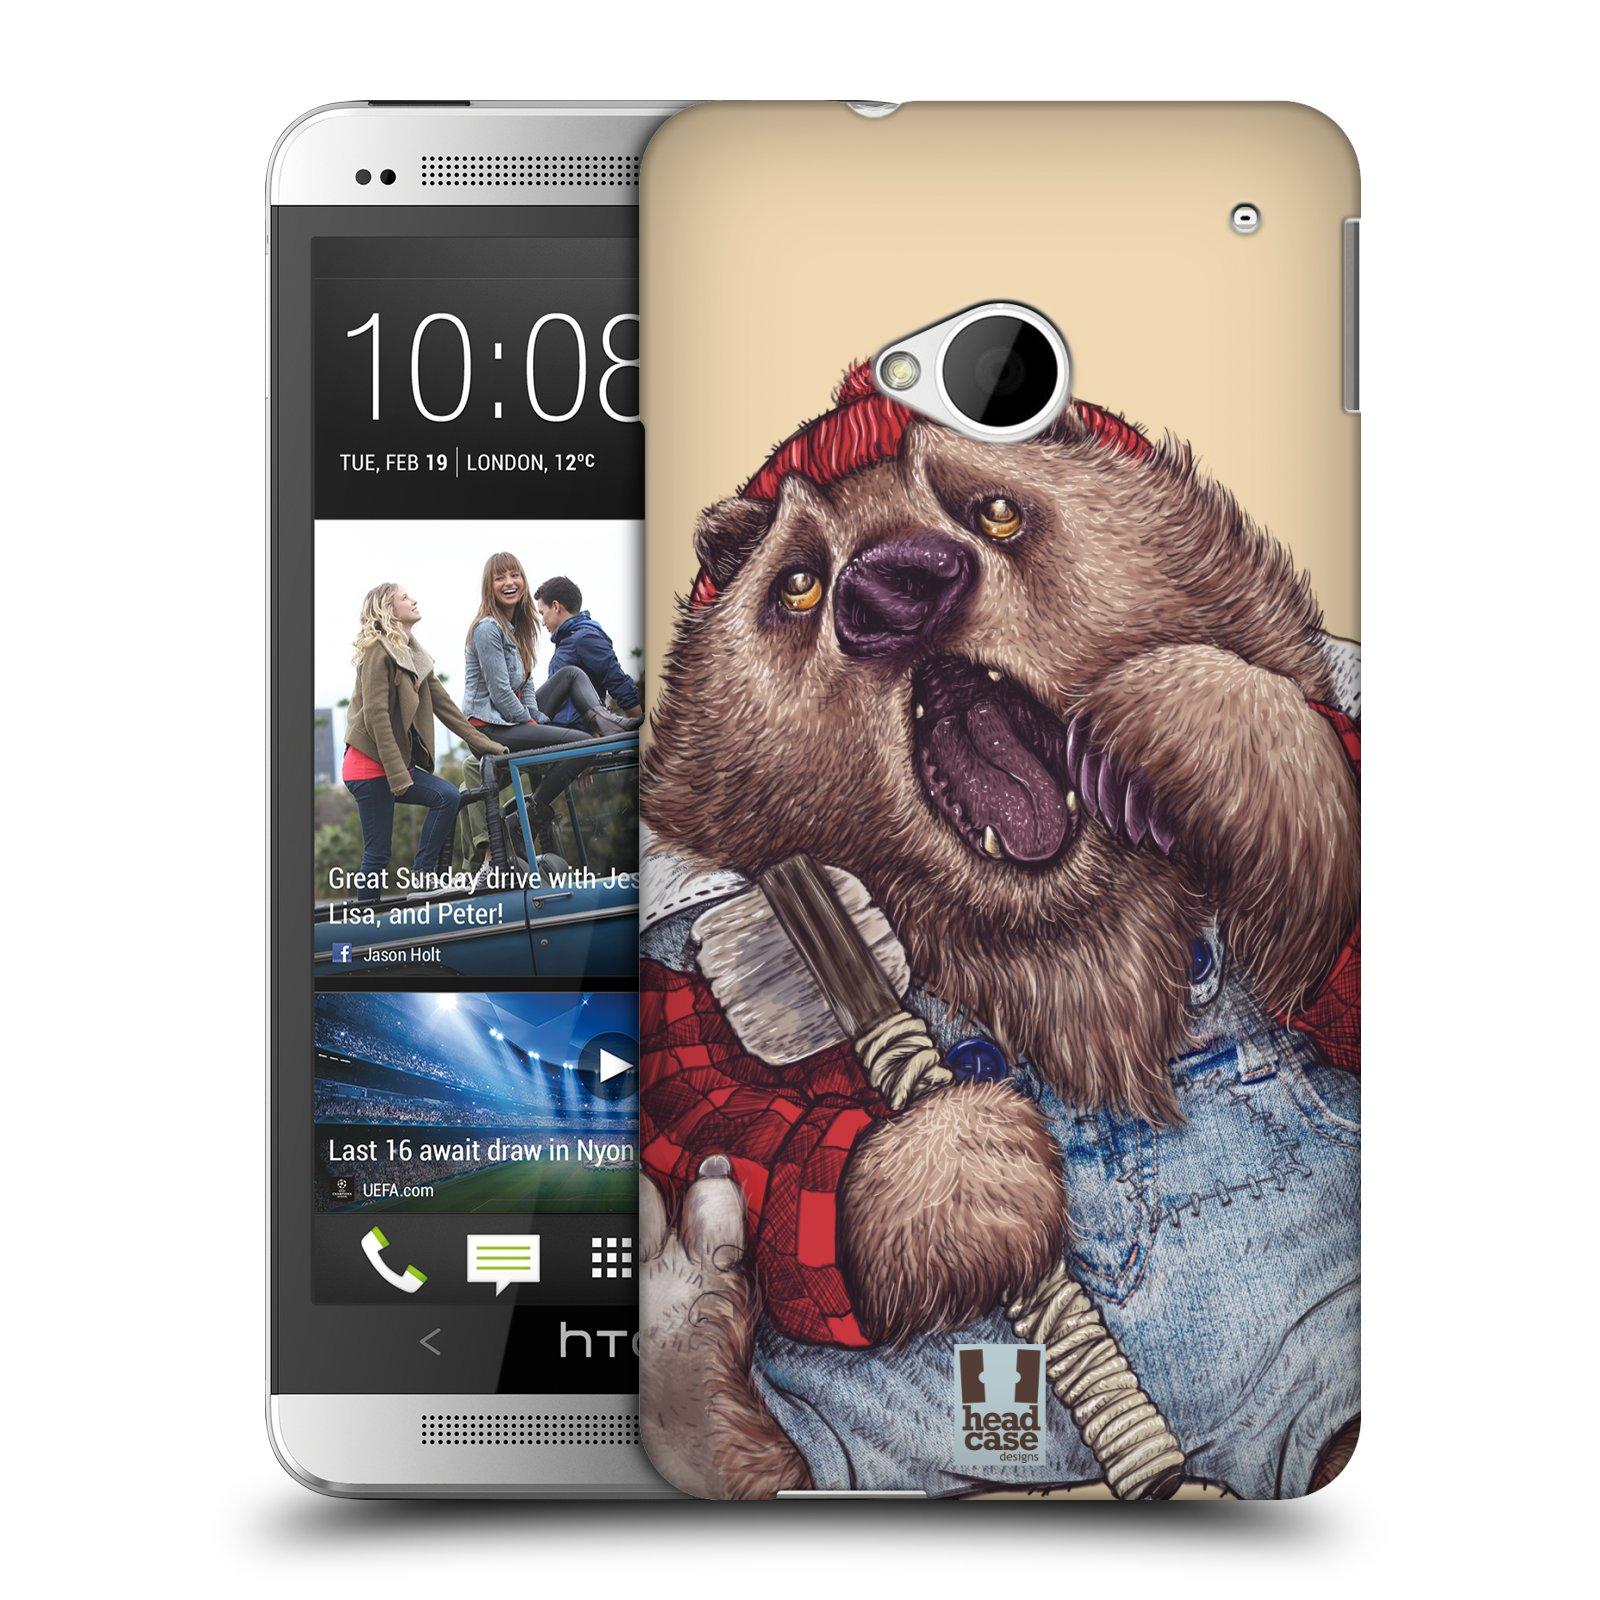 HEAD CASE plastový obal na mobil HTC One (M7) vzor Kreslená zvířátka medvěd